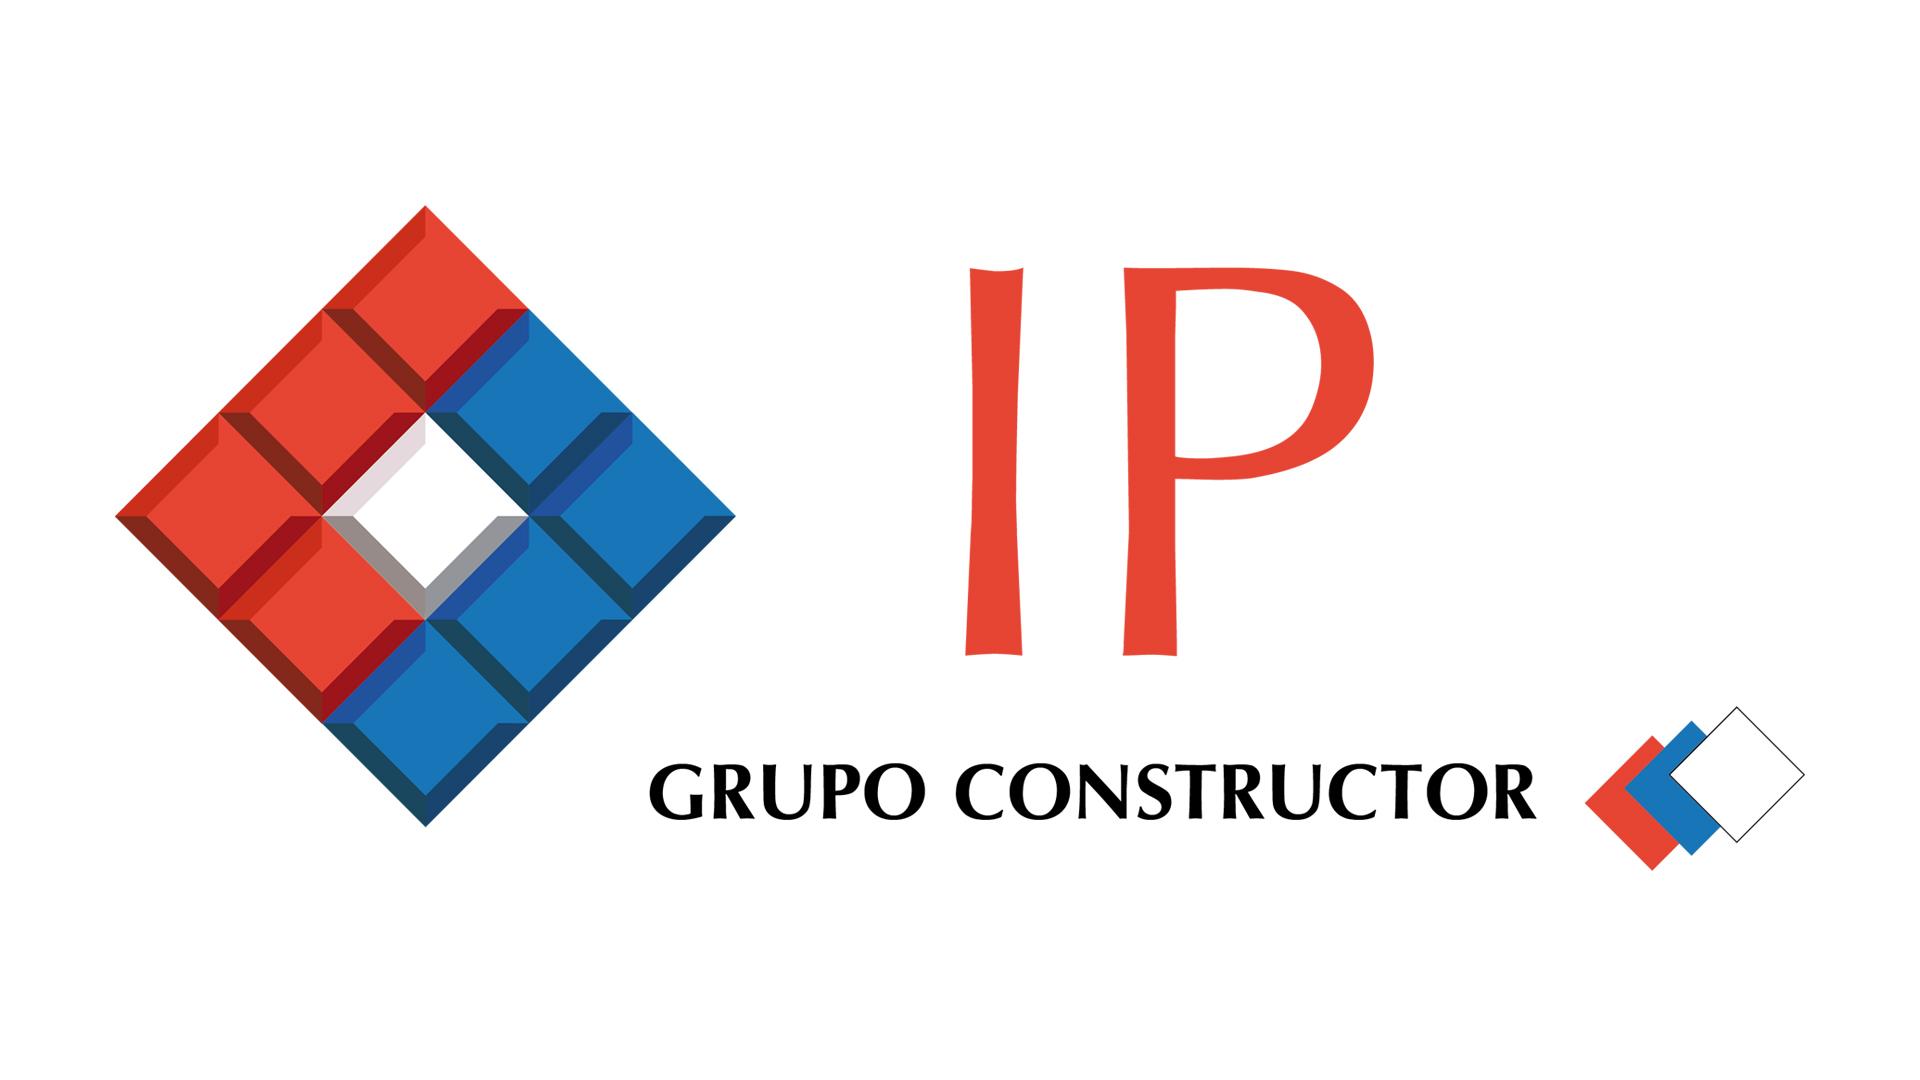 desarrollo-web-de-ip-grupo-constructor